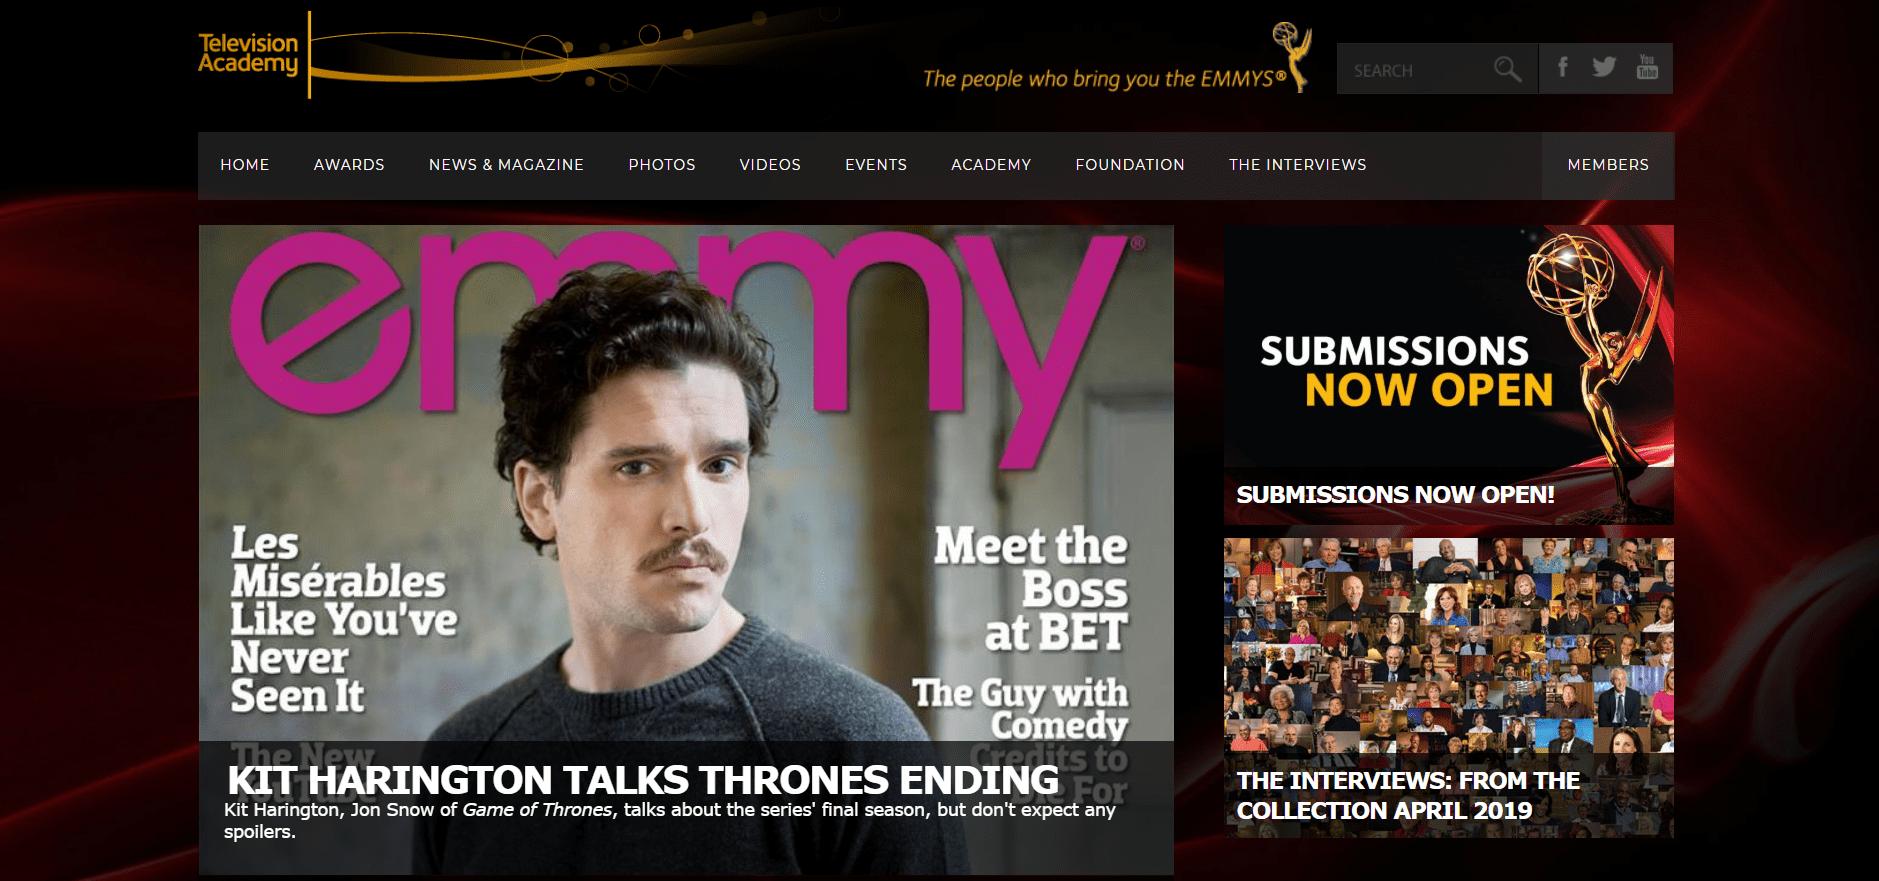 The Emmys Drupal Website